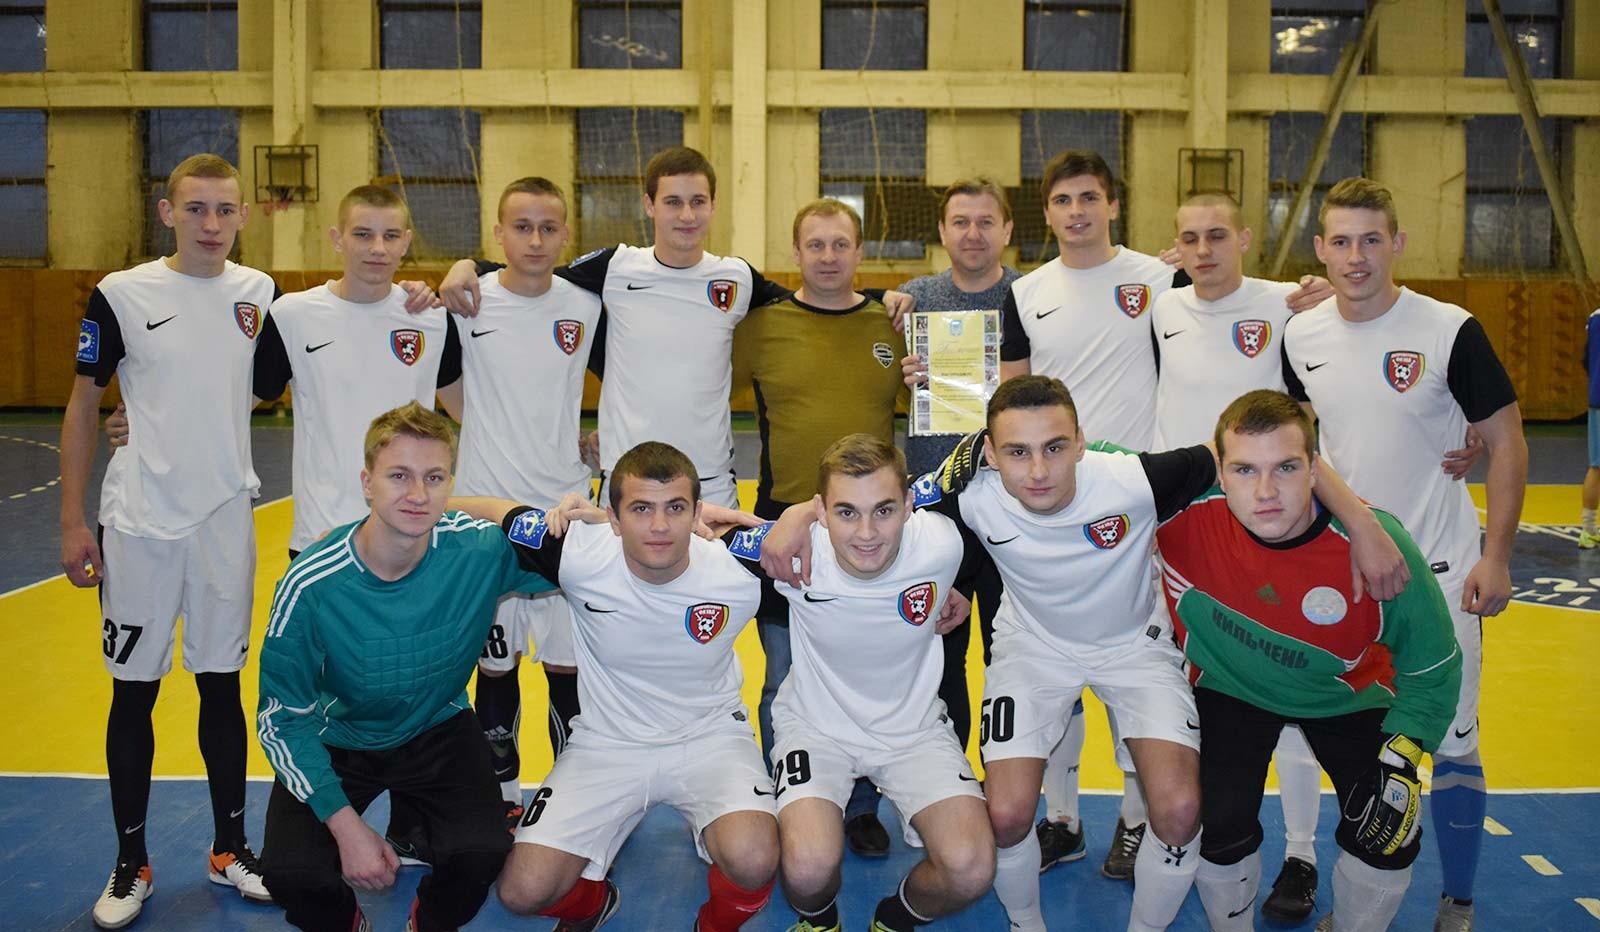 Університетська збірна з футболу посіла третє місце.